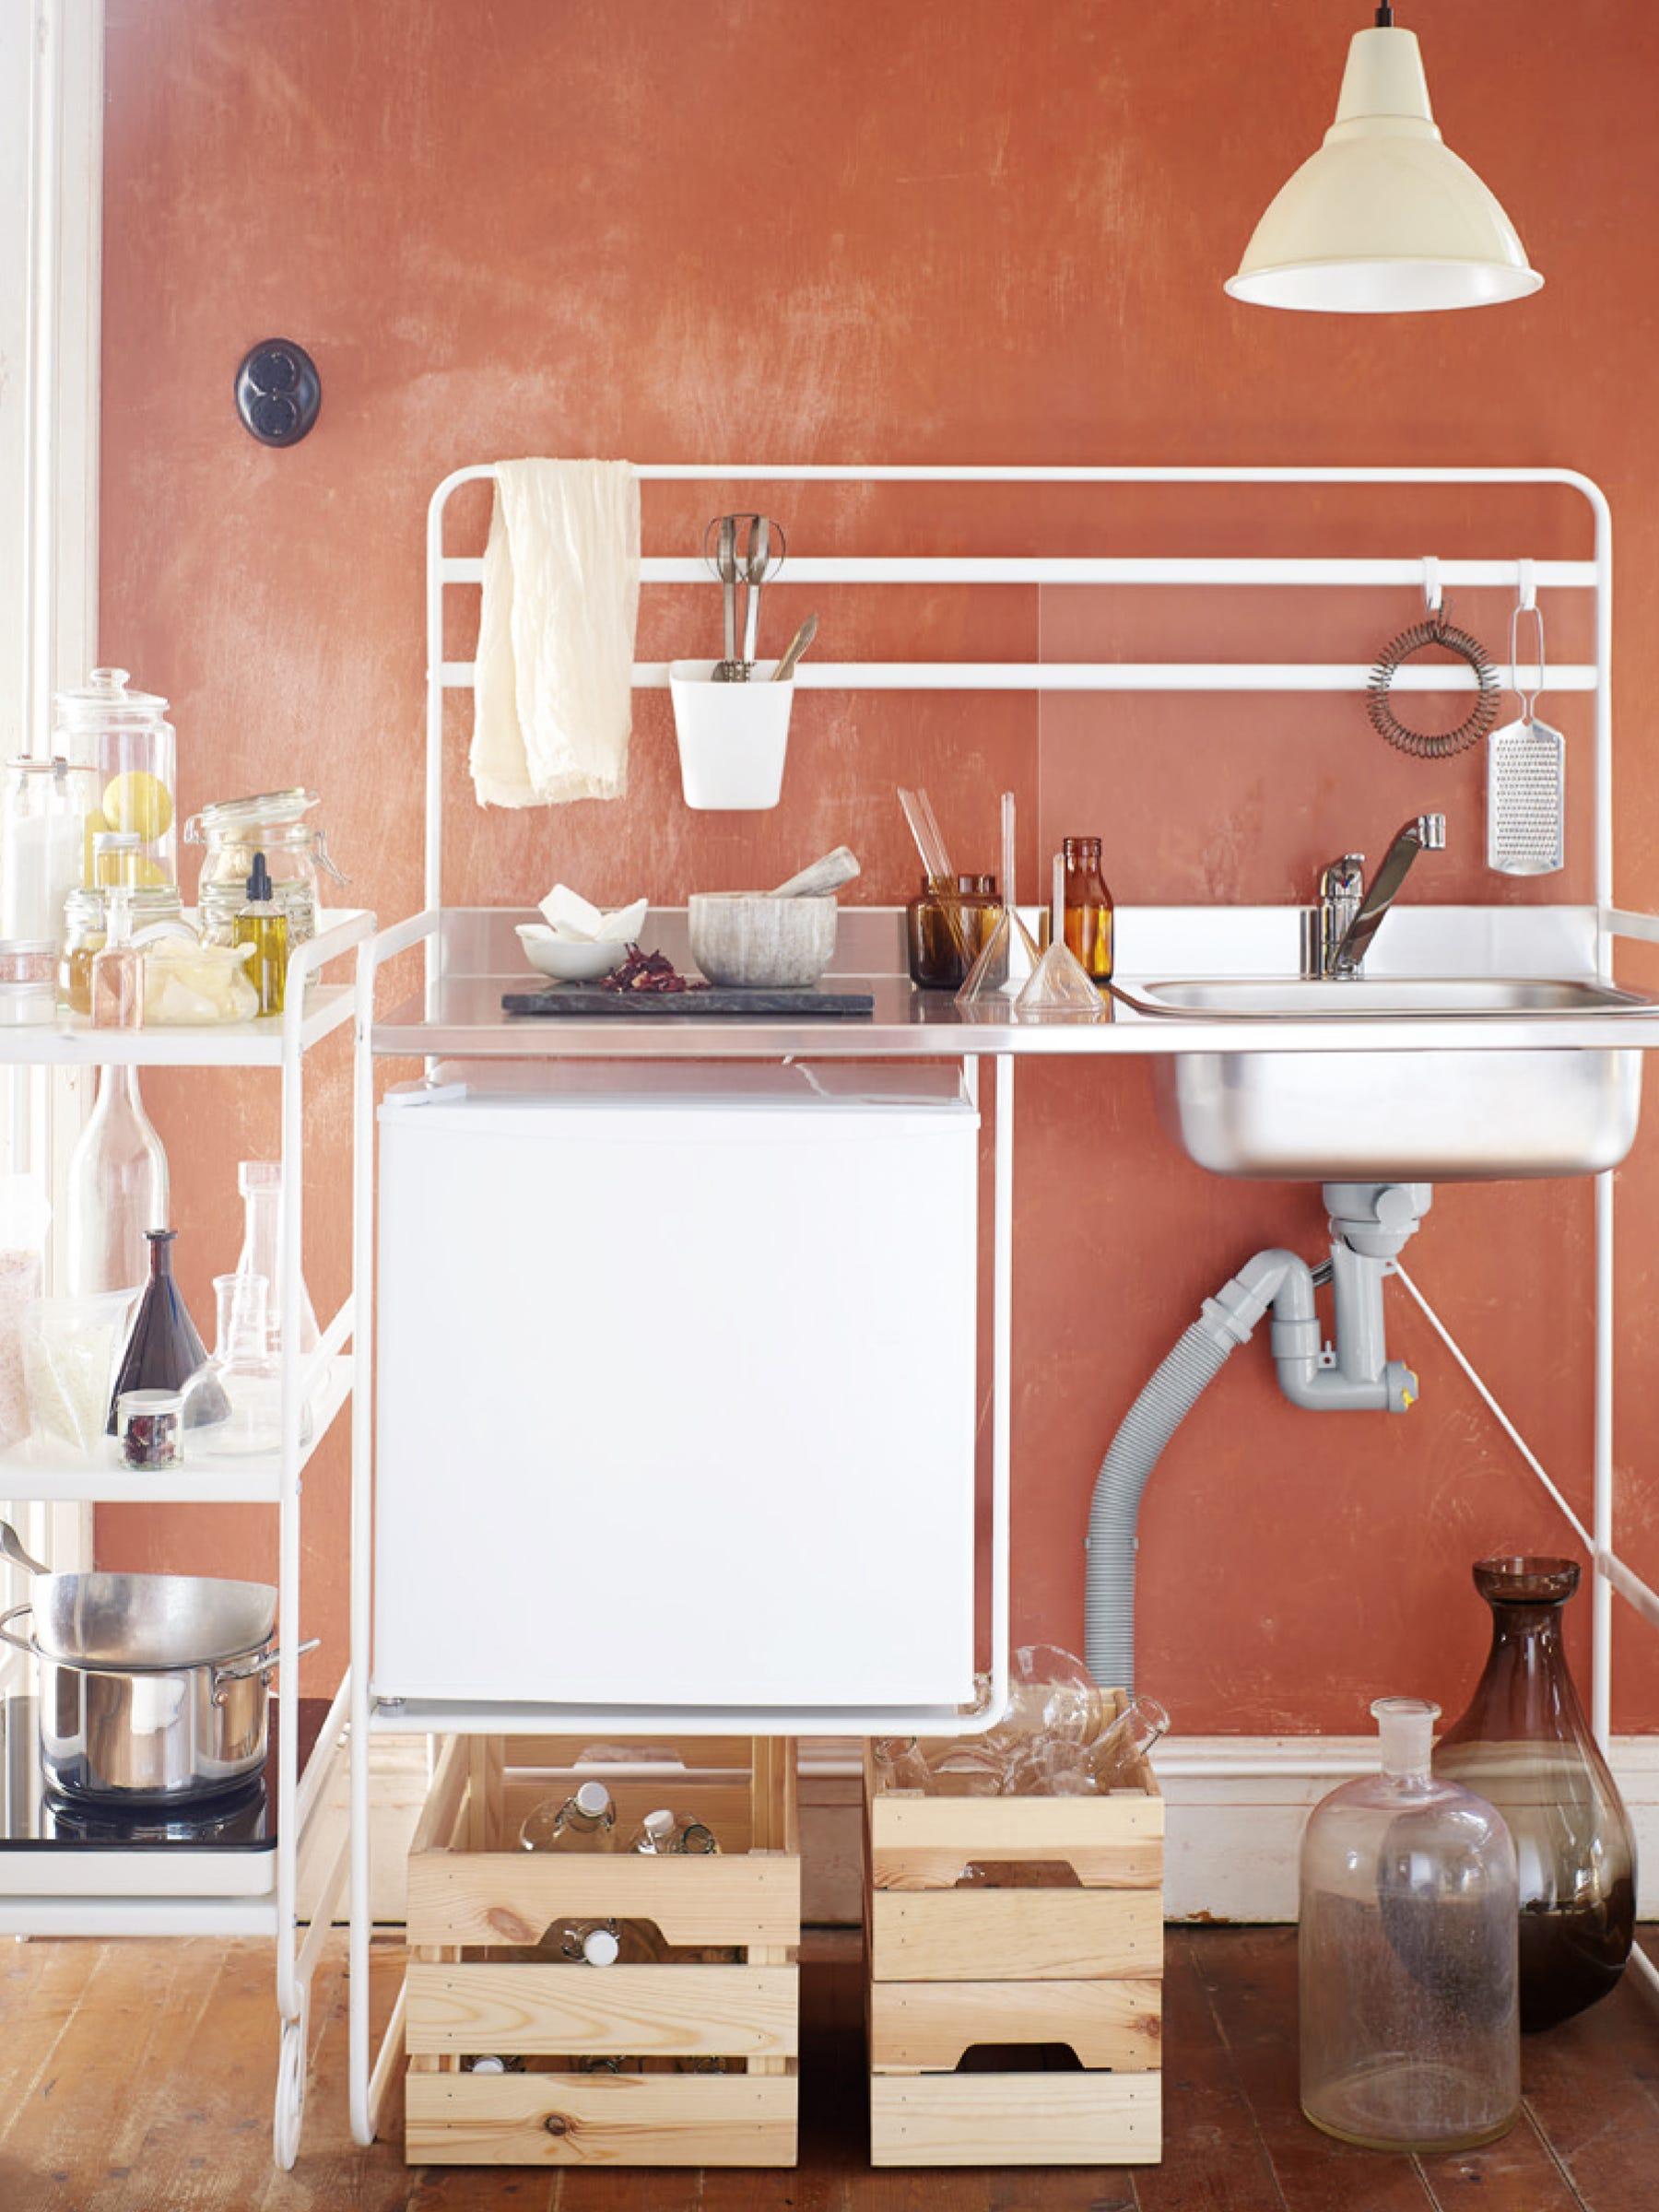 Ikea Küchenfront ikea sunnersta mini kitchen